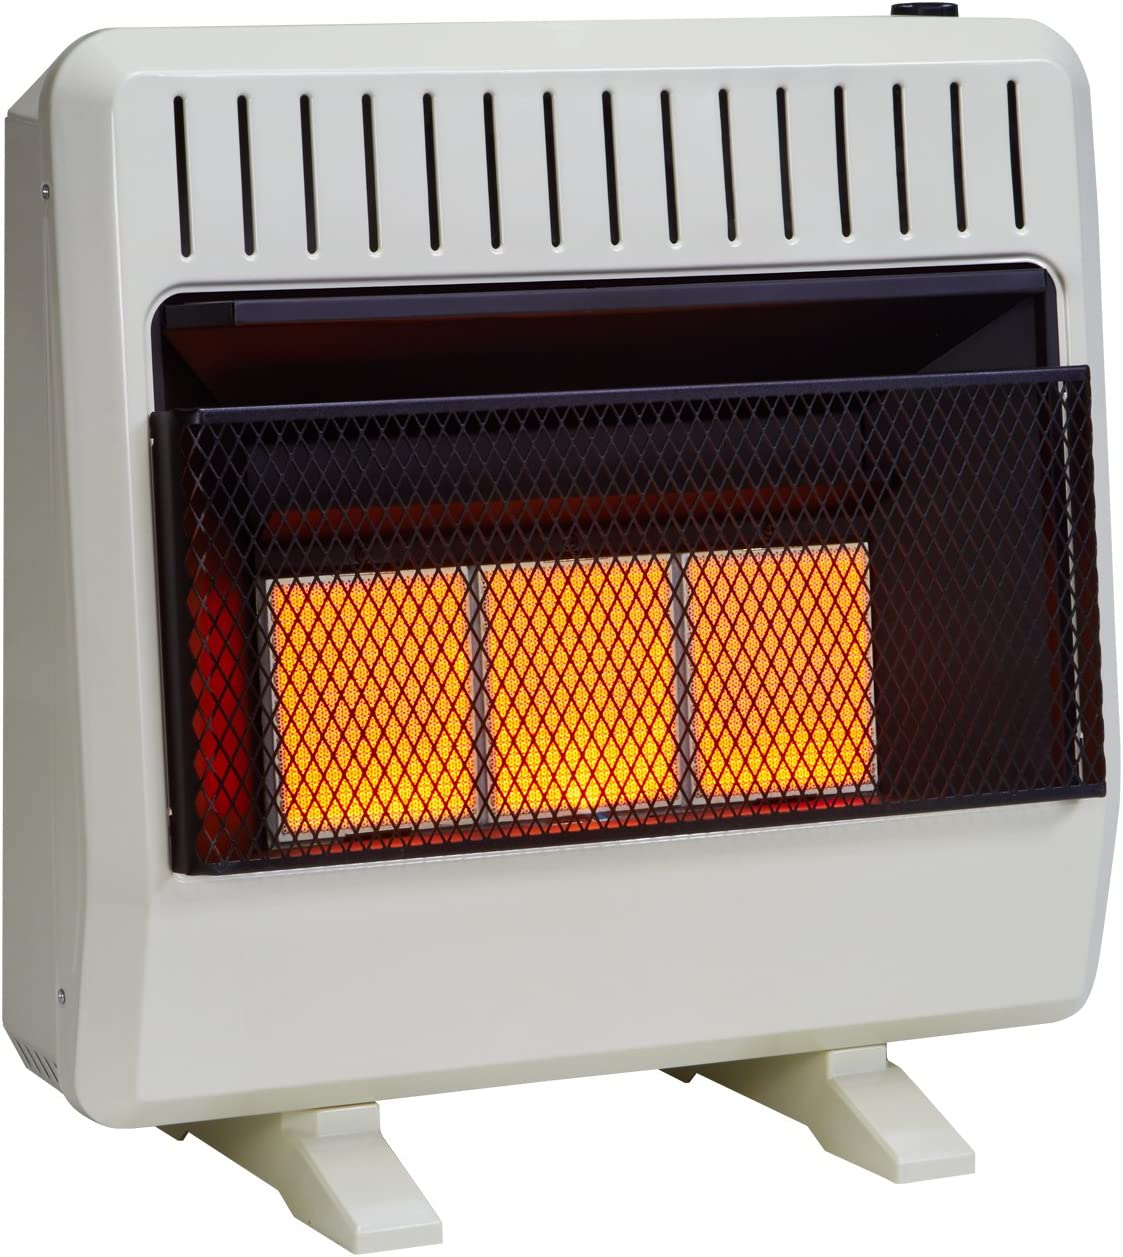 Avenger FDT3IR Dual Fuel Ventless Infrared Heater, 30,000 BTU